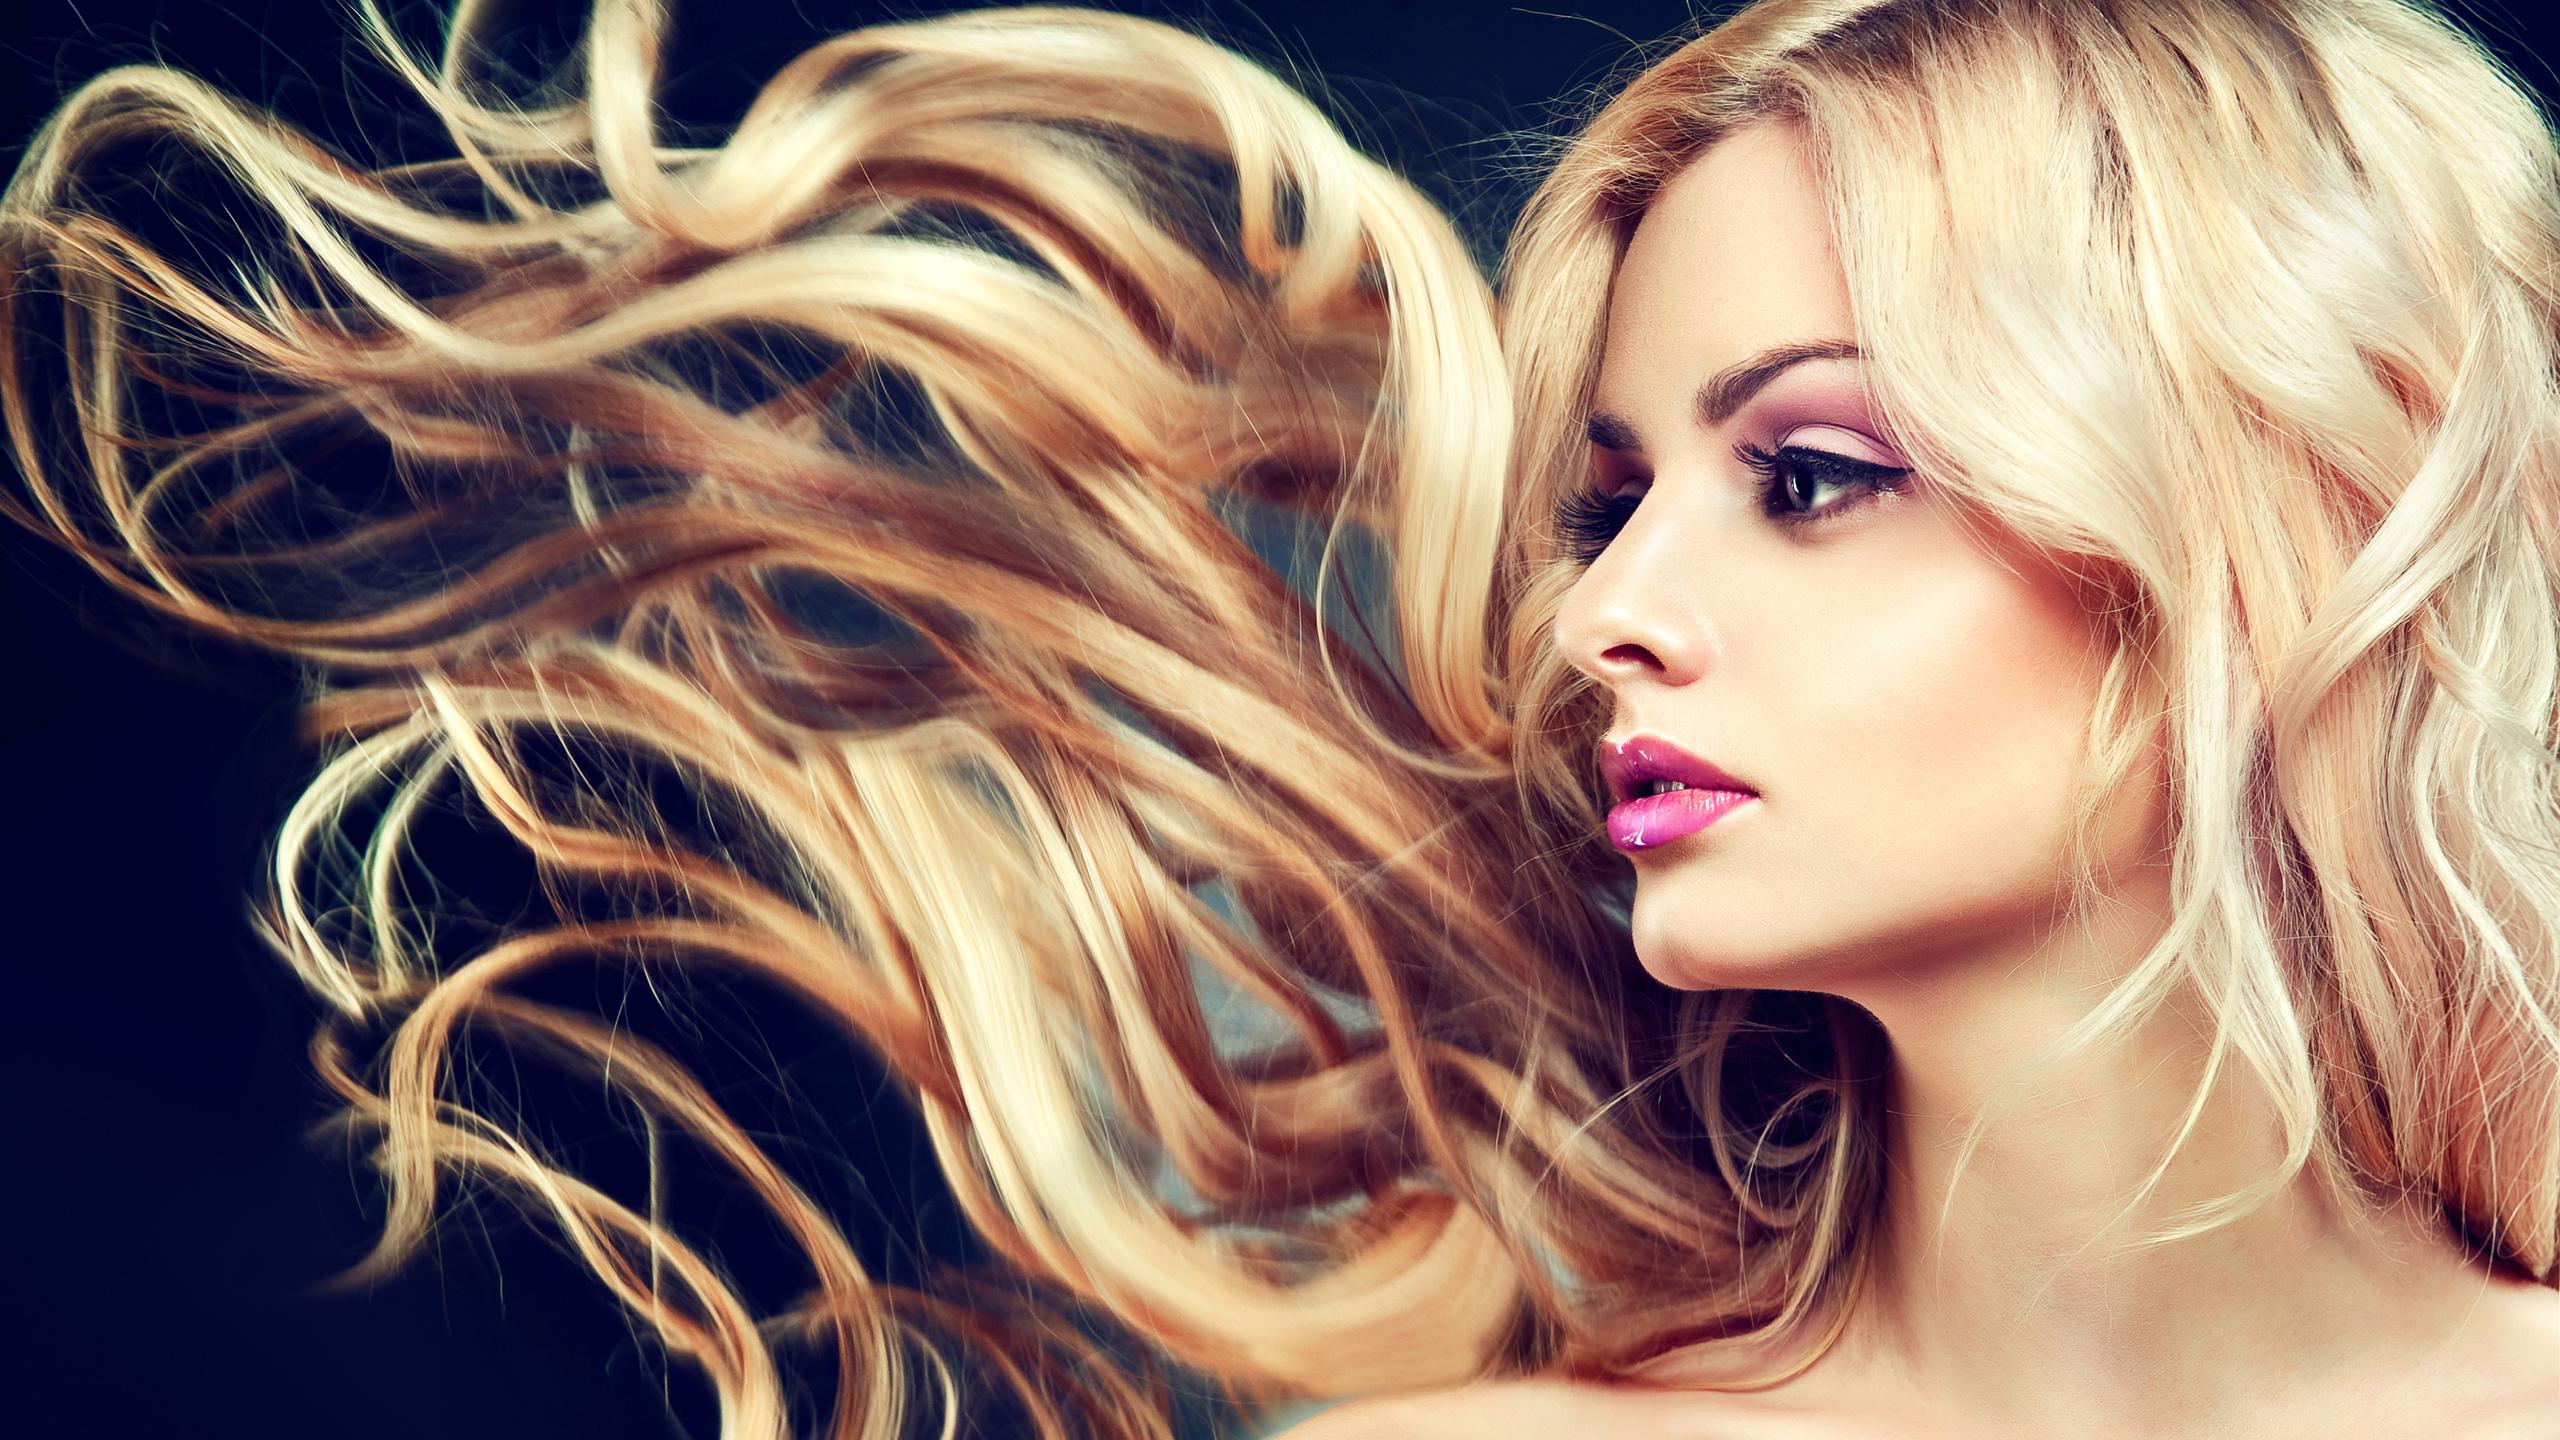 высокое качество, лицо, волосы, яркий макияж, модель, ветер